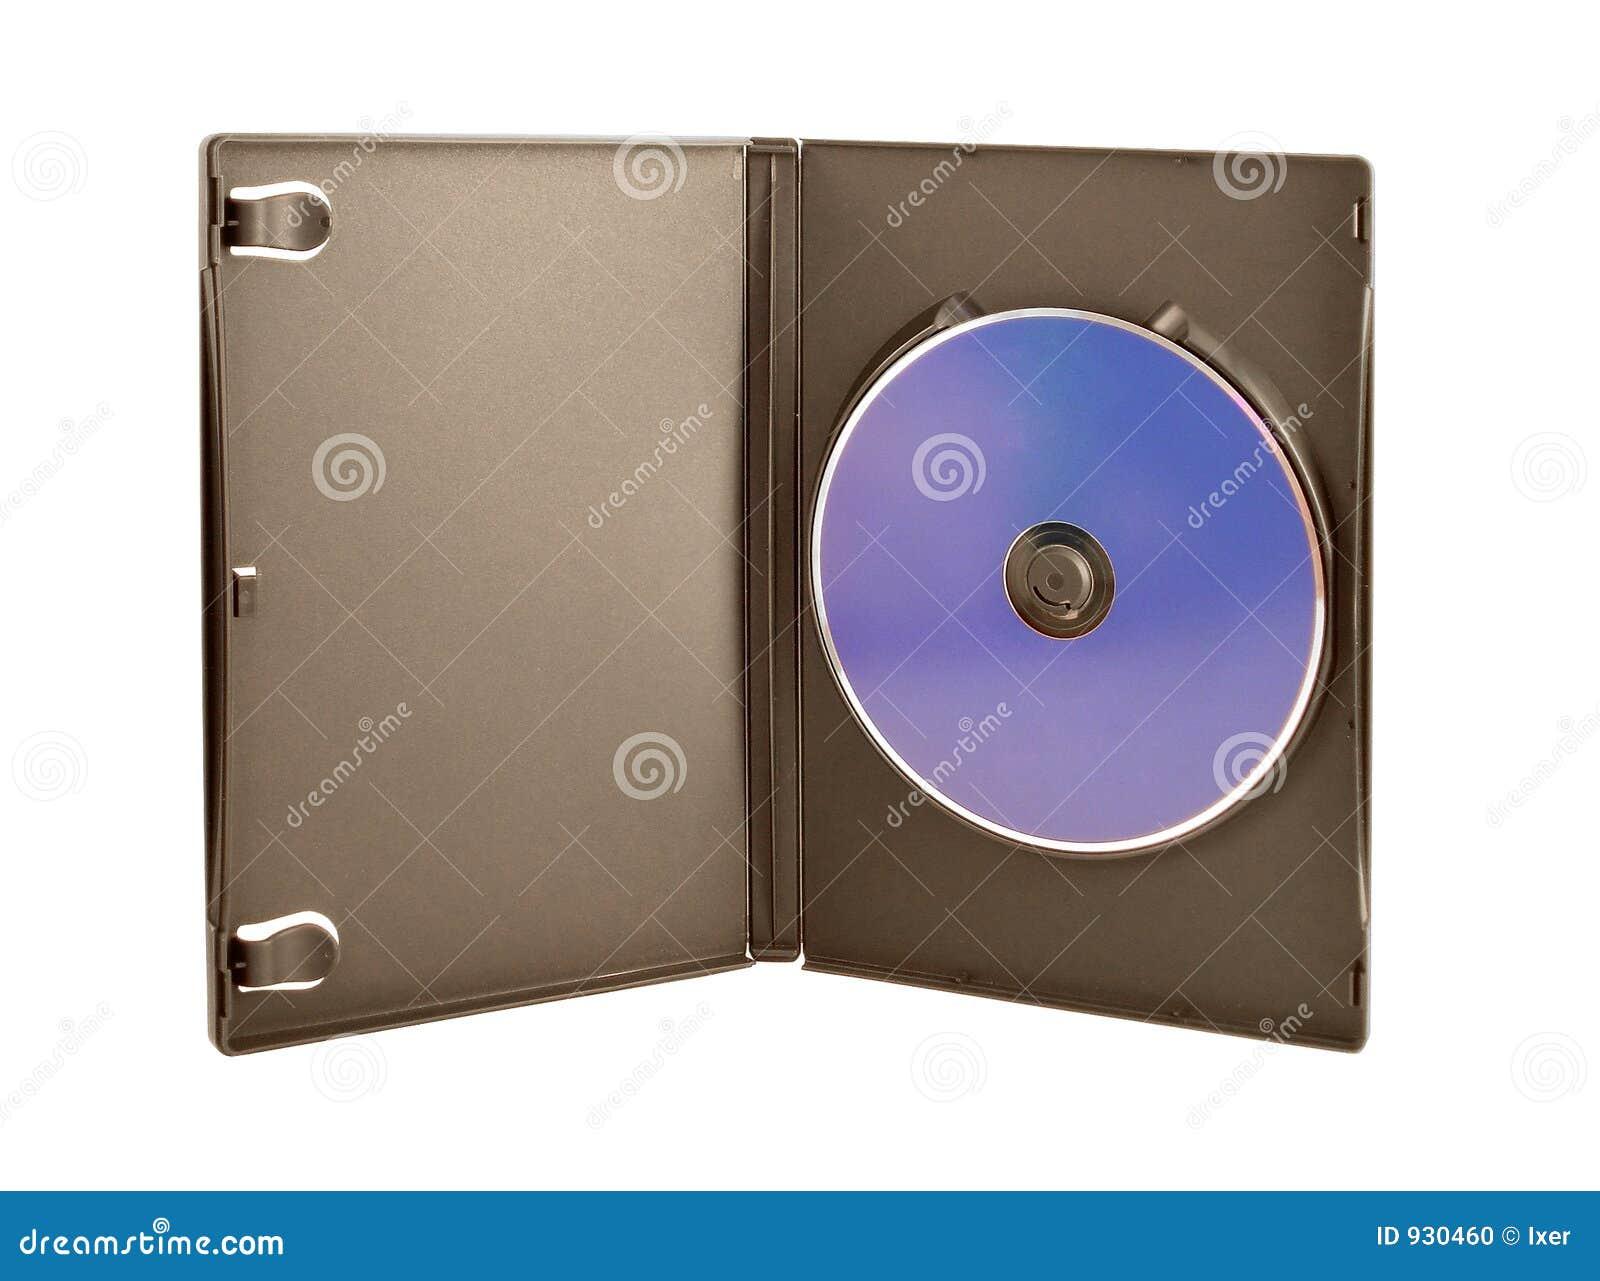 Cd U Dvd Kasten Stockfoto Bild Von Album Abdeckung Blau